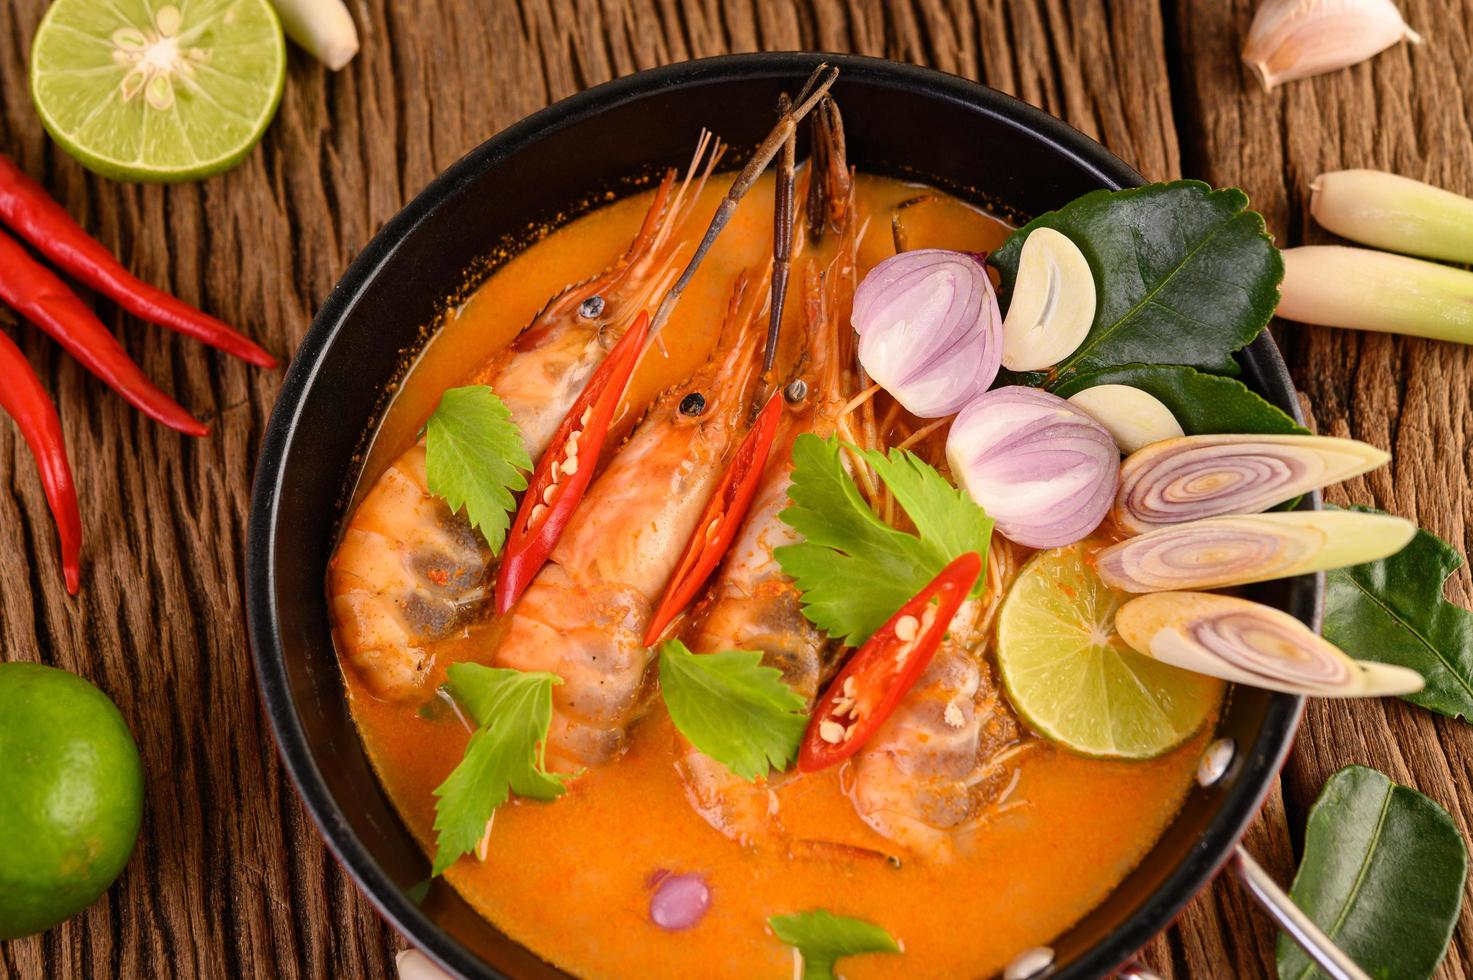 Soupe épicée thaïlandaise appelée tom yum kung aux crevettes photo